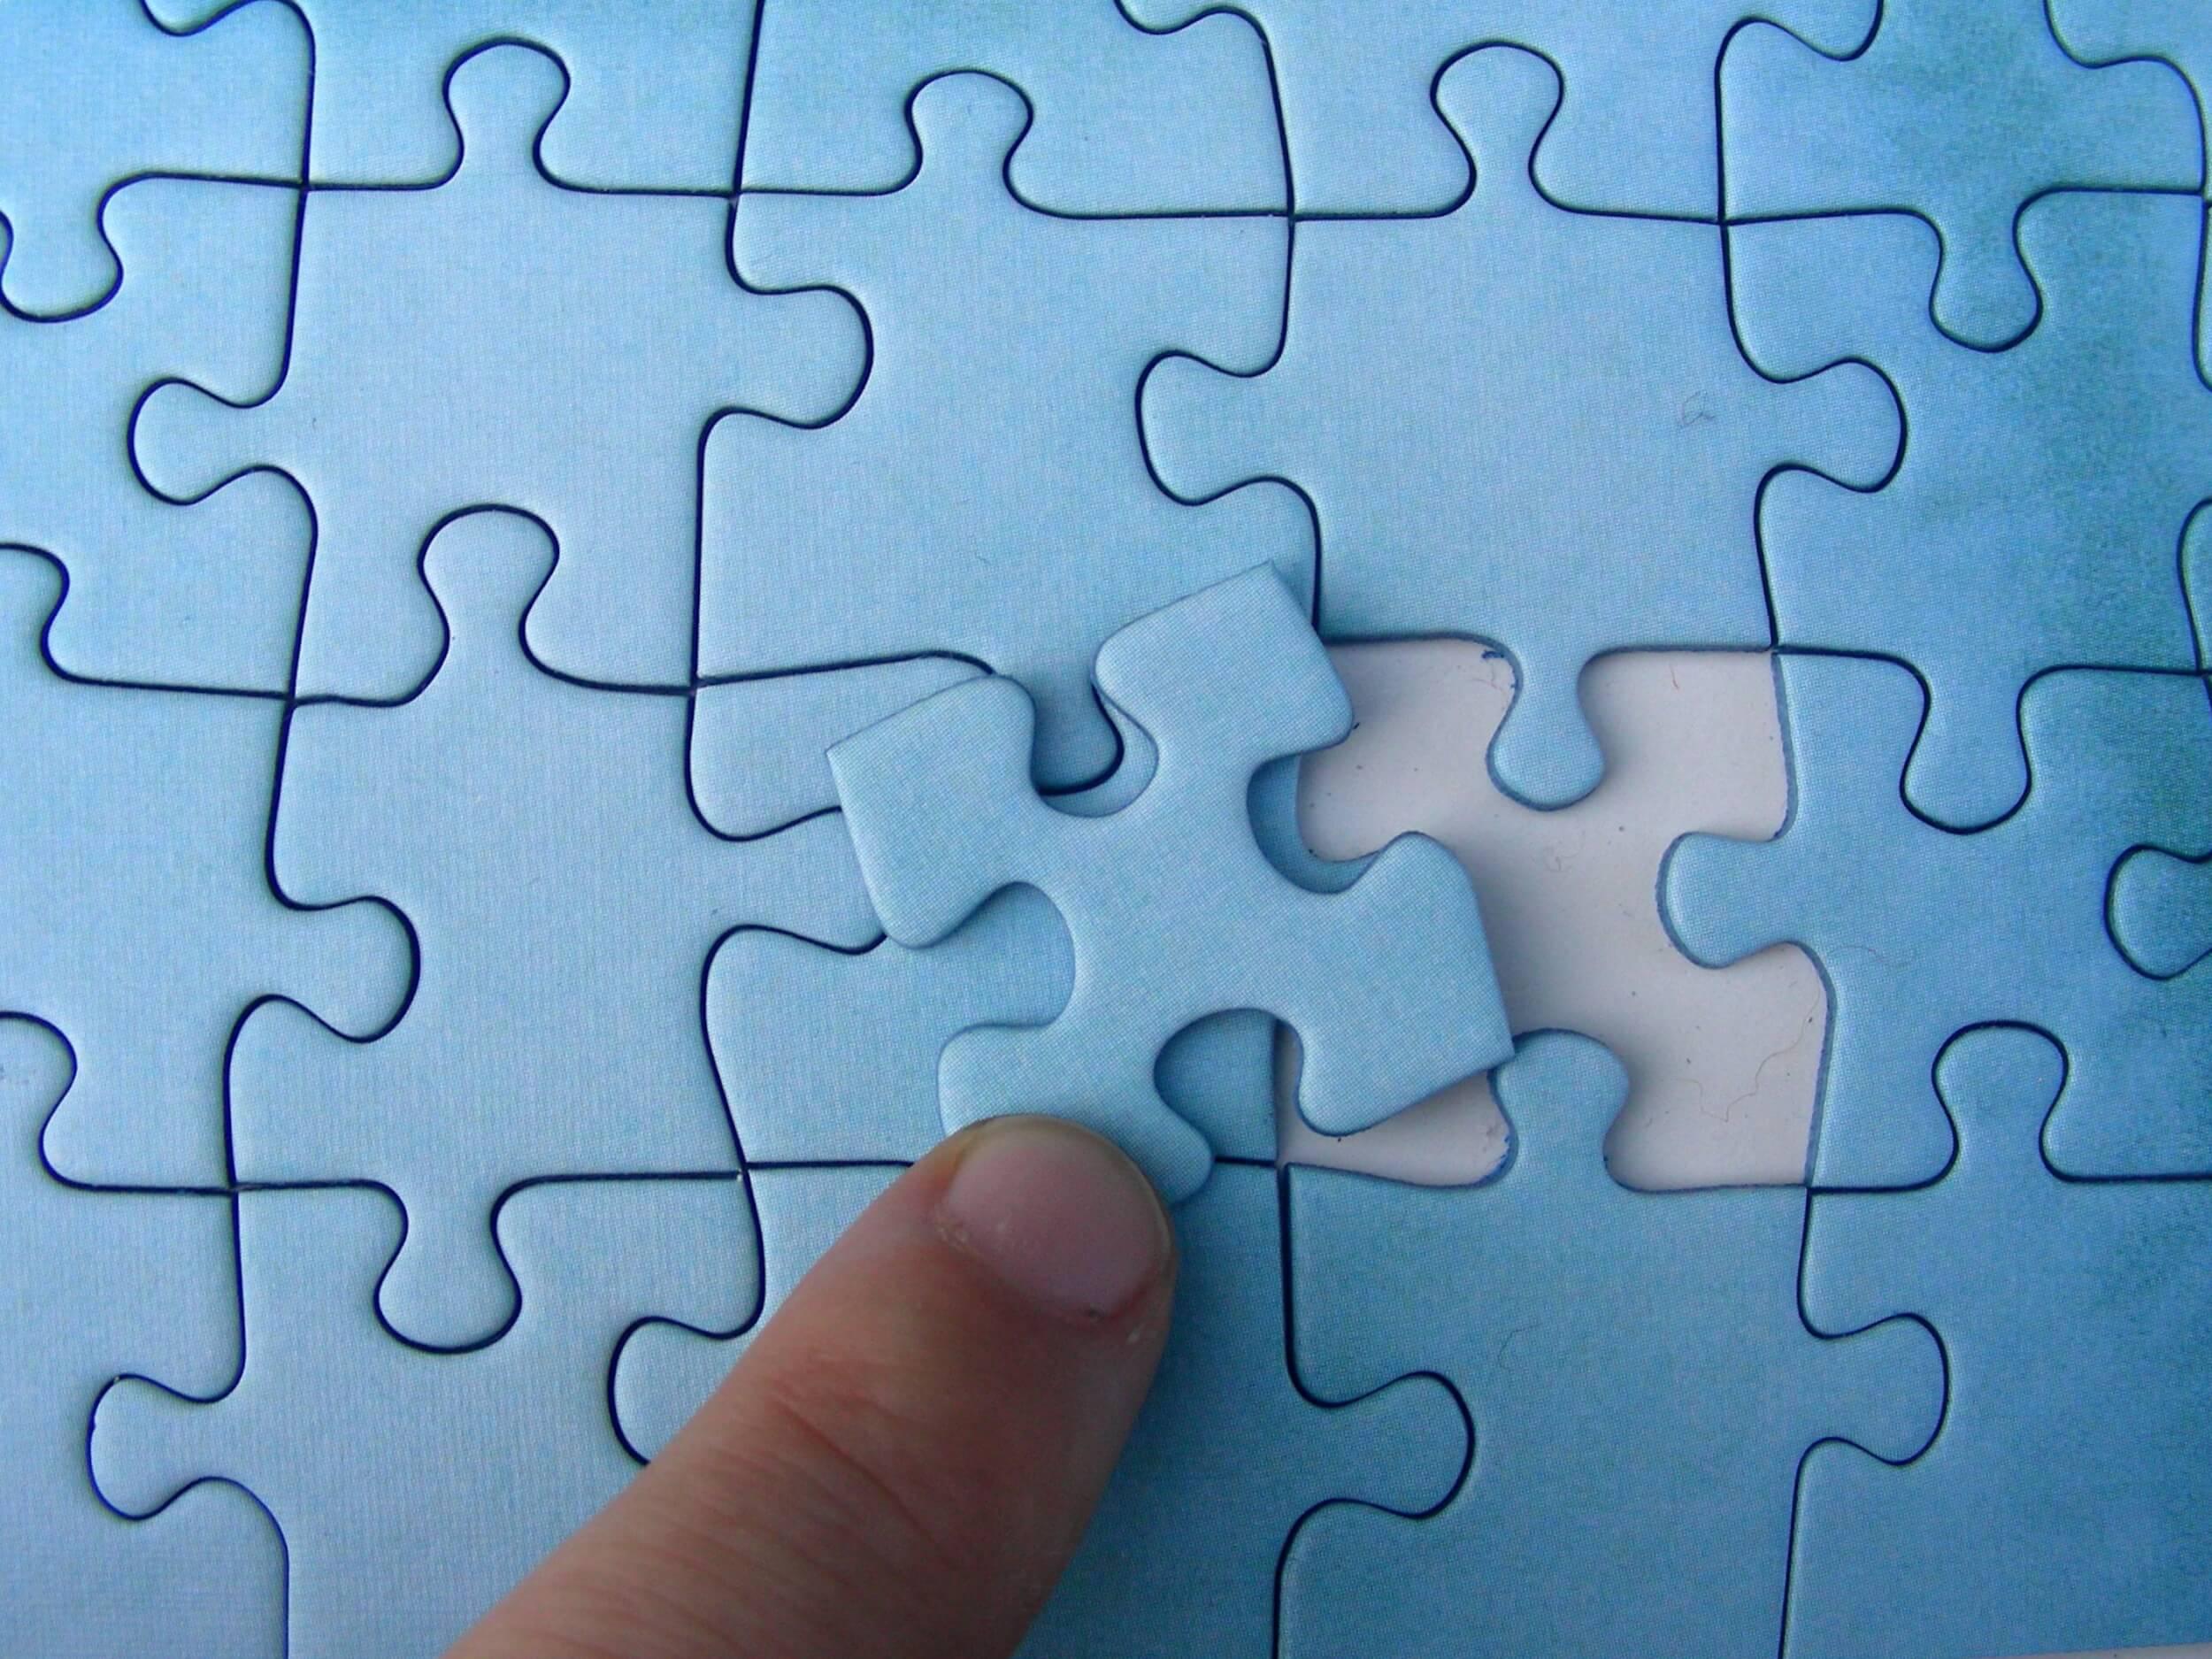 Puzzle-Teil fehlt (c) S. Hofschlaeger / pixelio.de